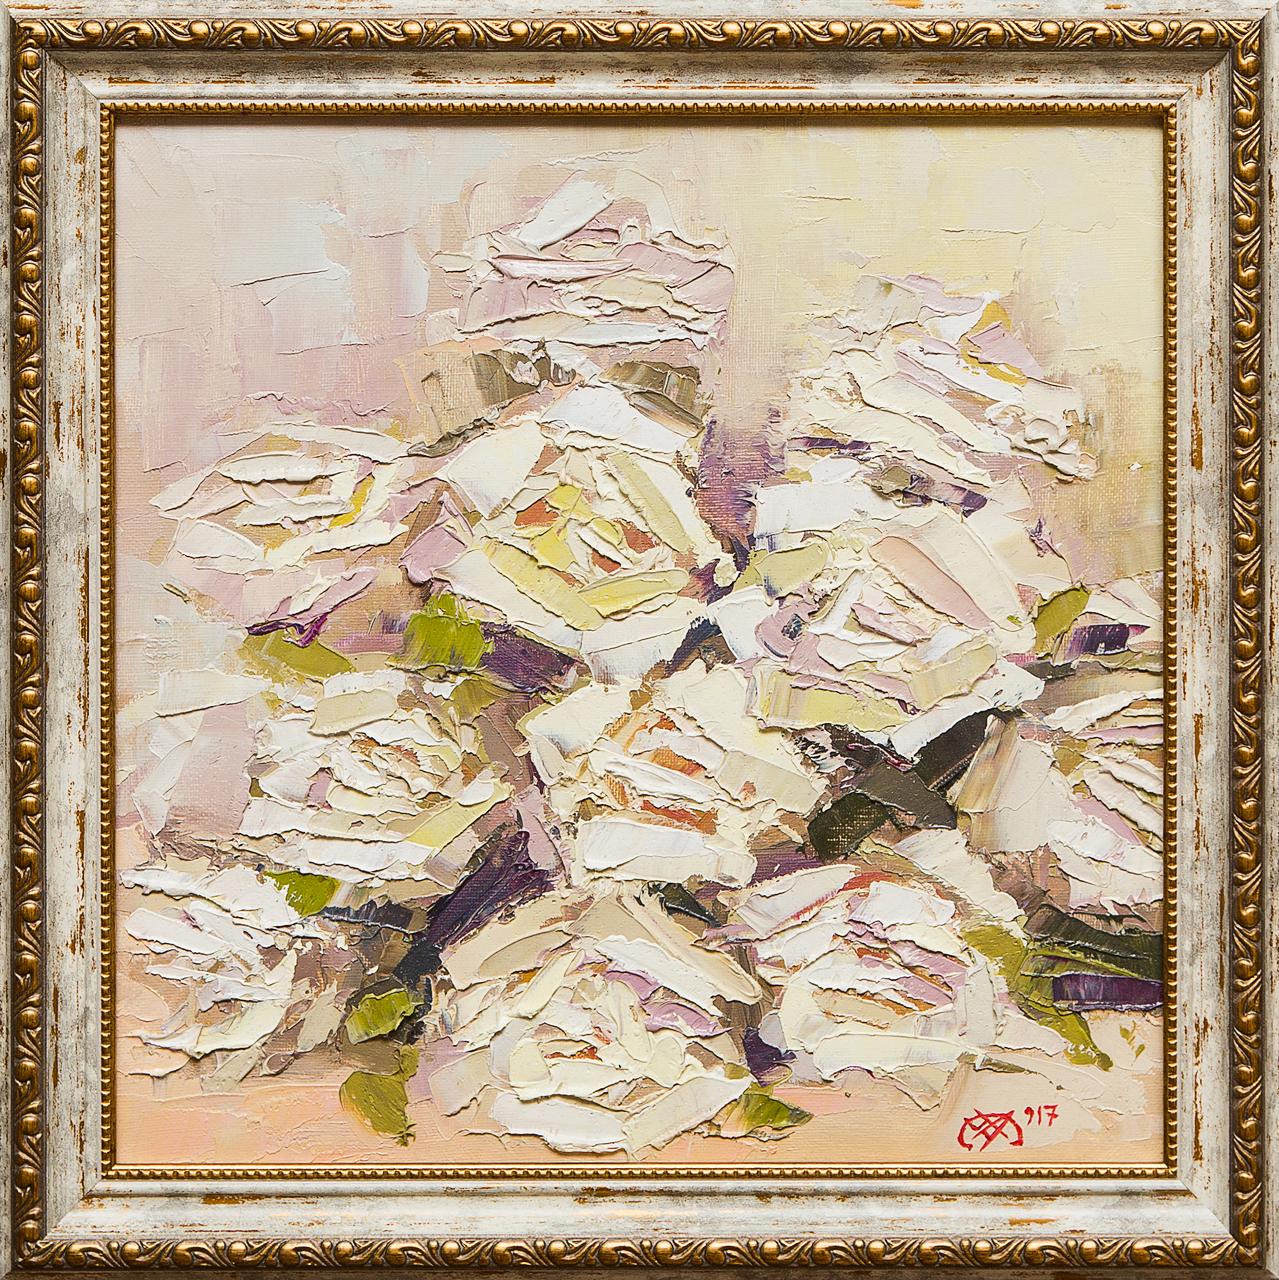 Картина маслом Из серии Открытка, Натюморт Черная картина маслом соперники ефименко